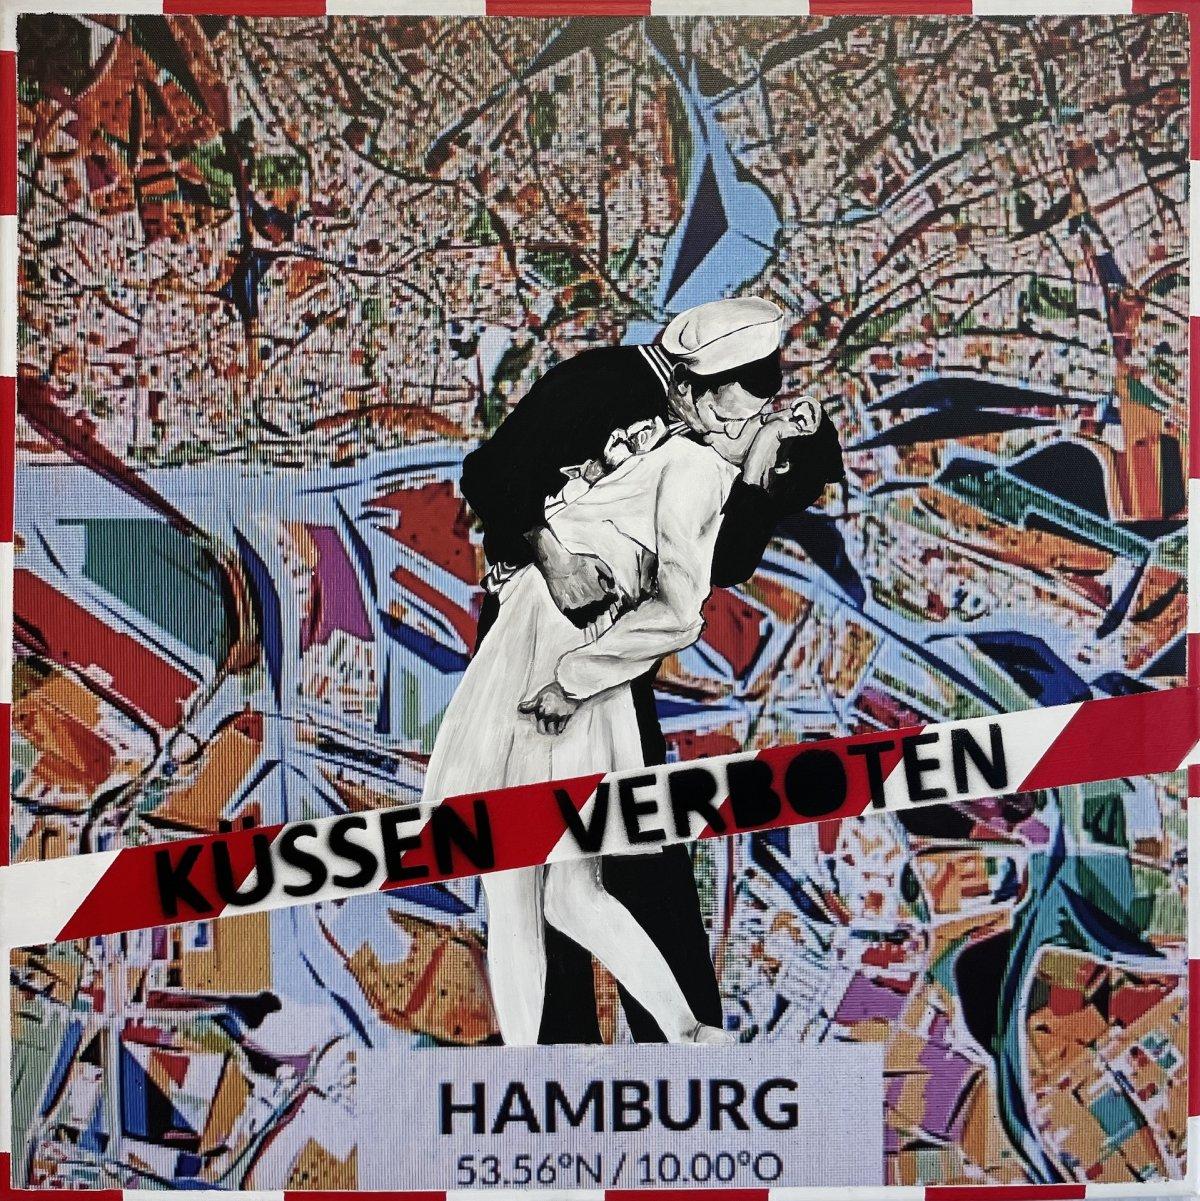 kuessen-verboten-markus-zeller-popart-galerie-hamburg-popstreetshop